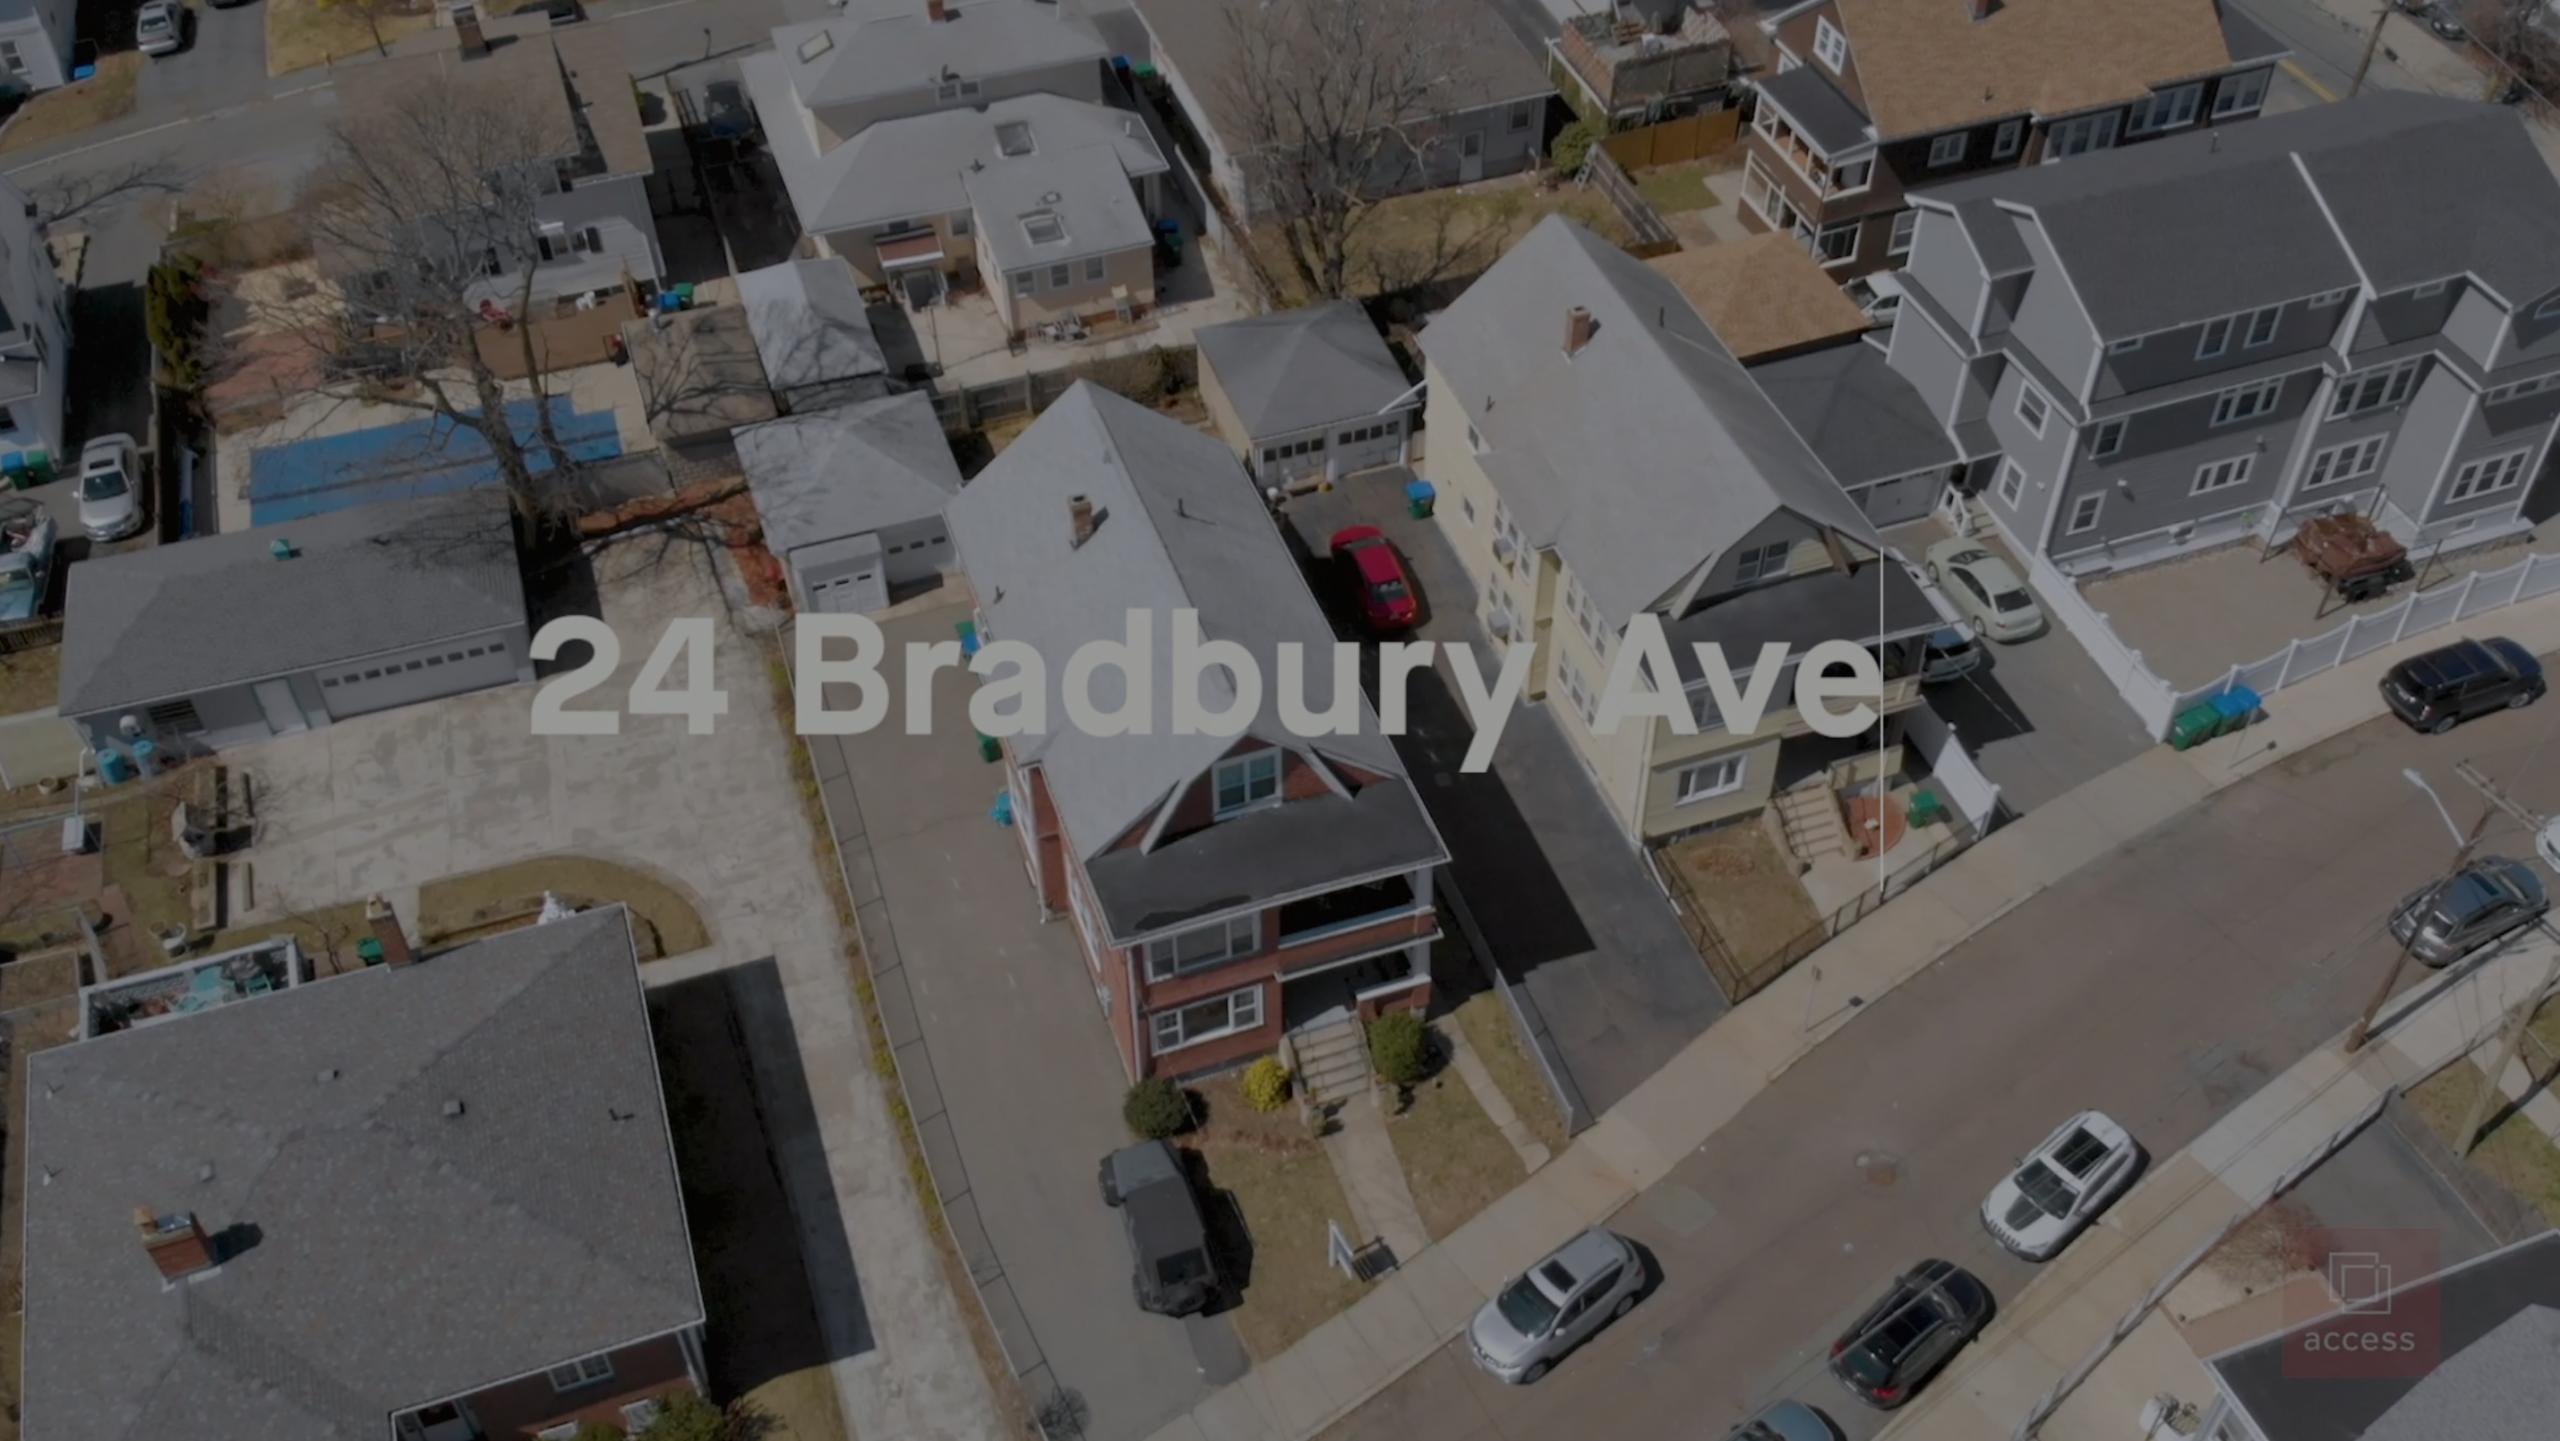 24 Bradbury Ave, Medford